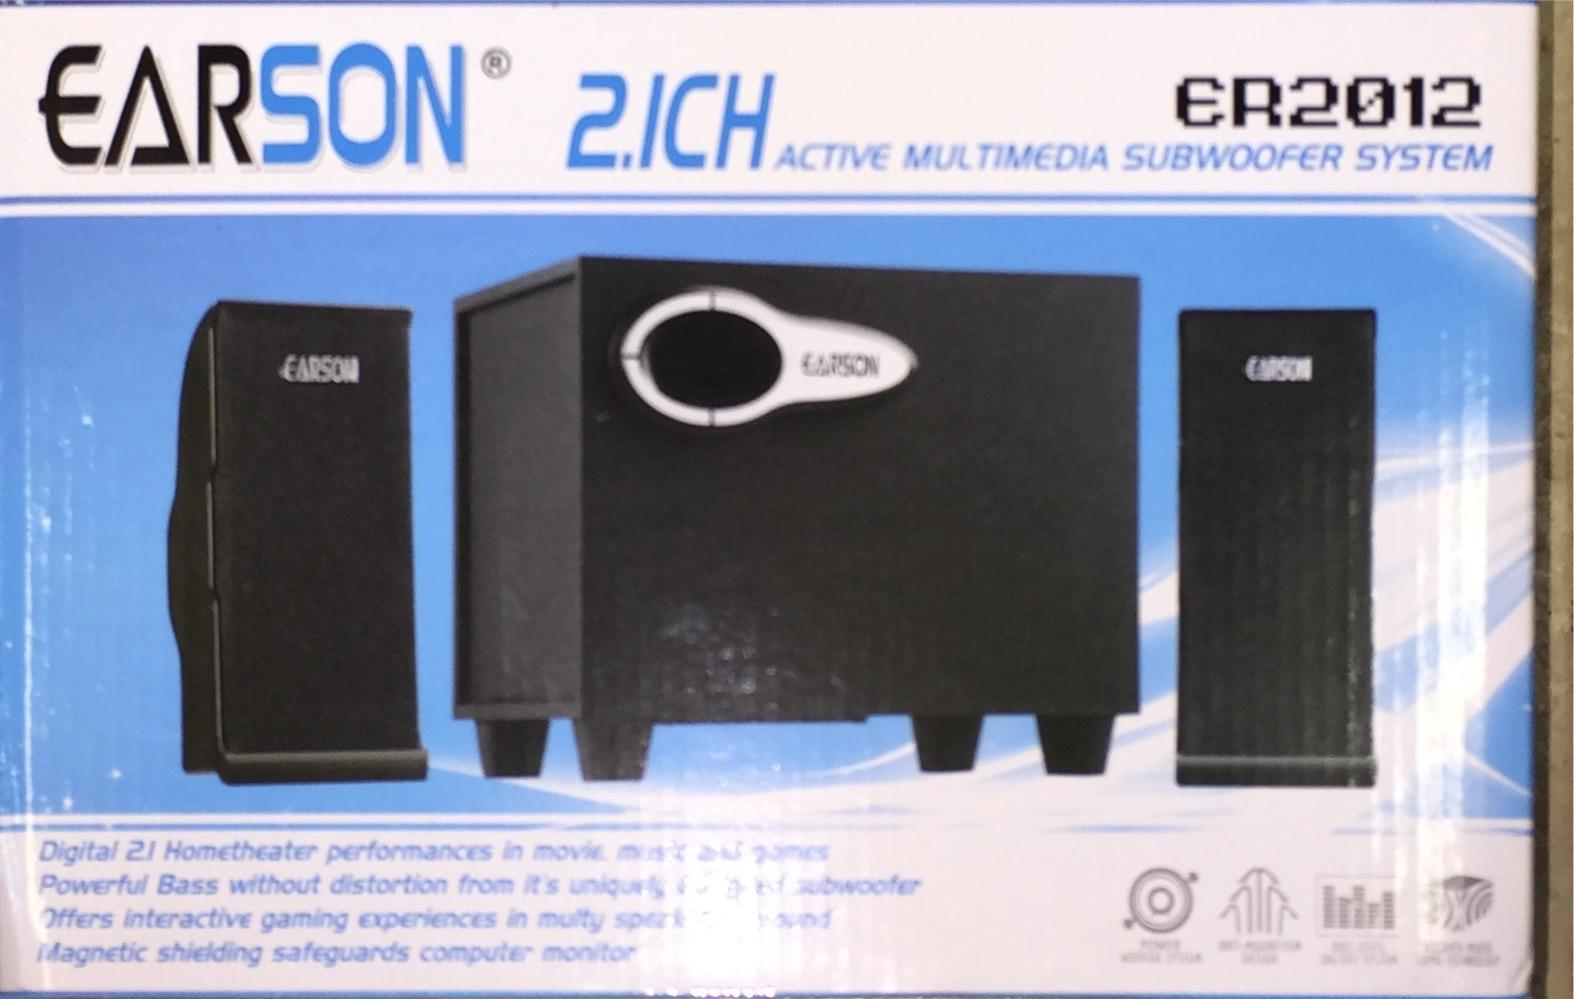 רמקולים למחשב  EARON SD\USB  2.1  ER2012-W